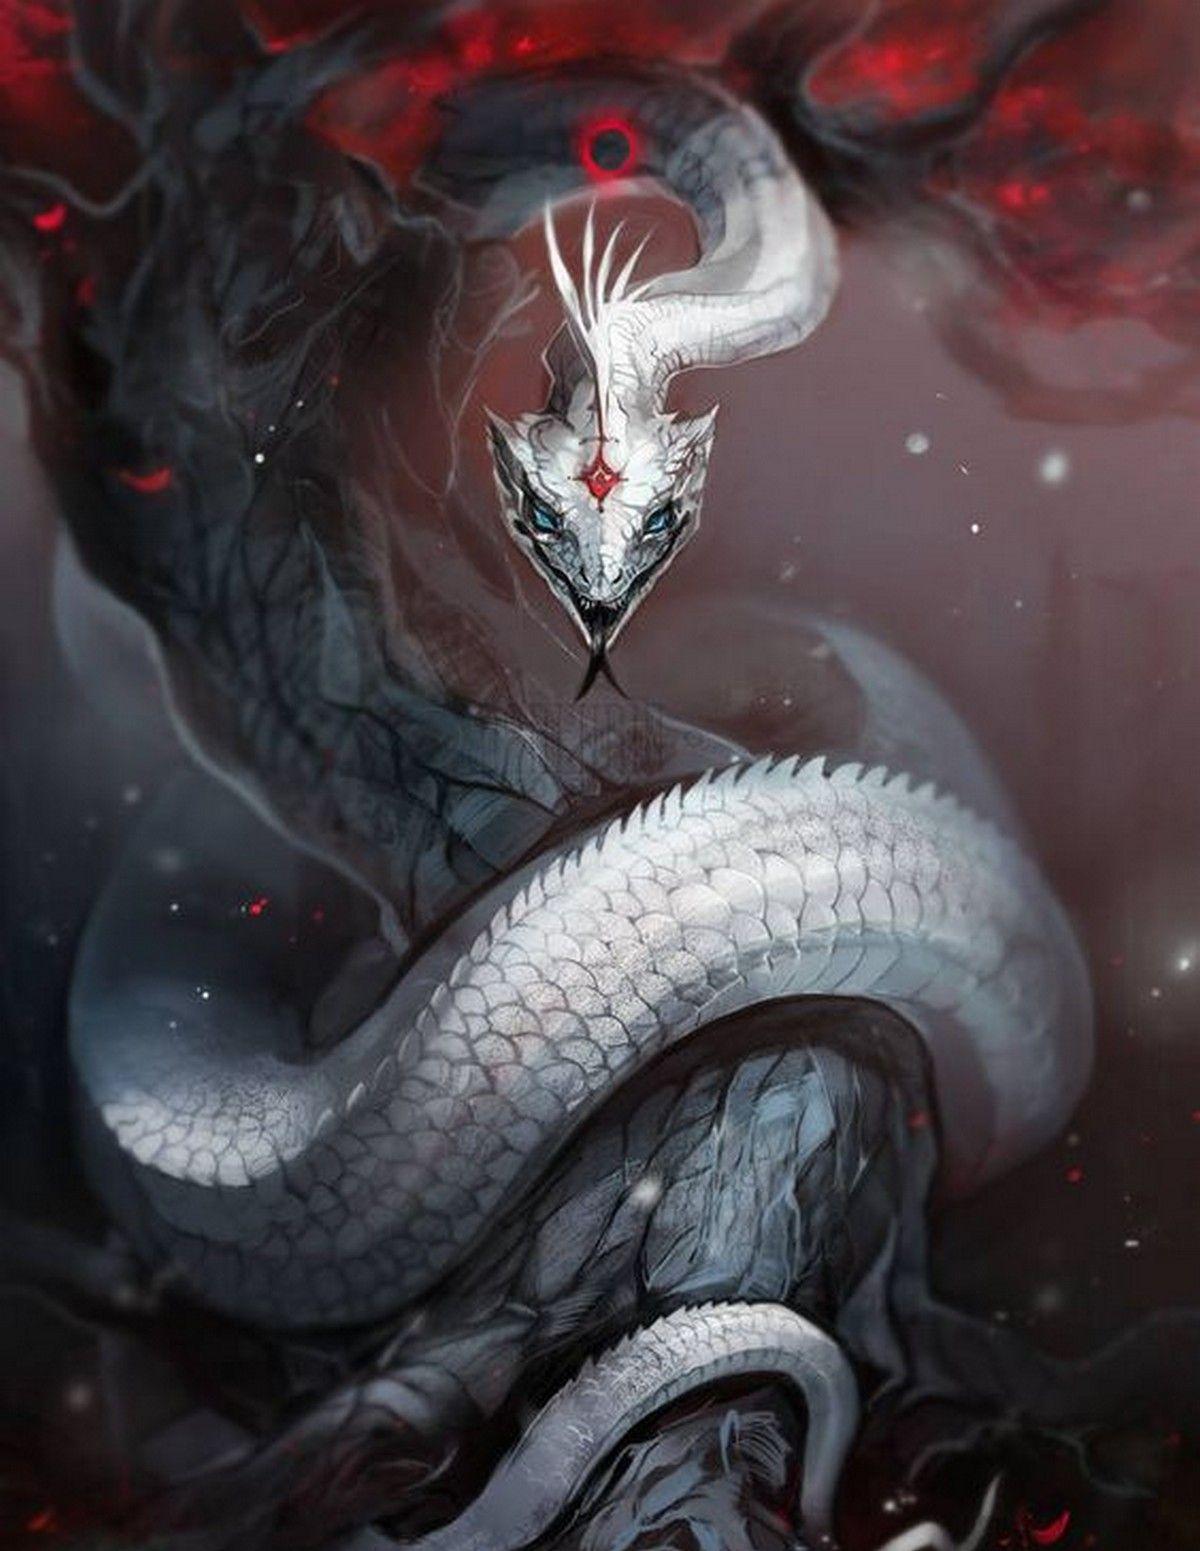 фэнтези картинки змея и кубка несколько идей, реализовать